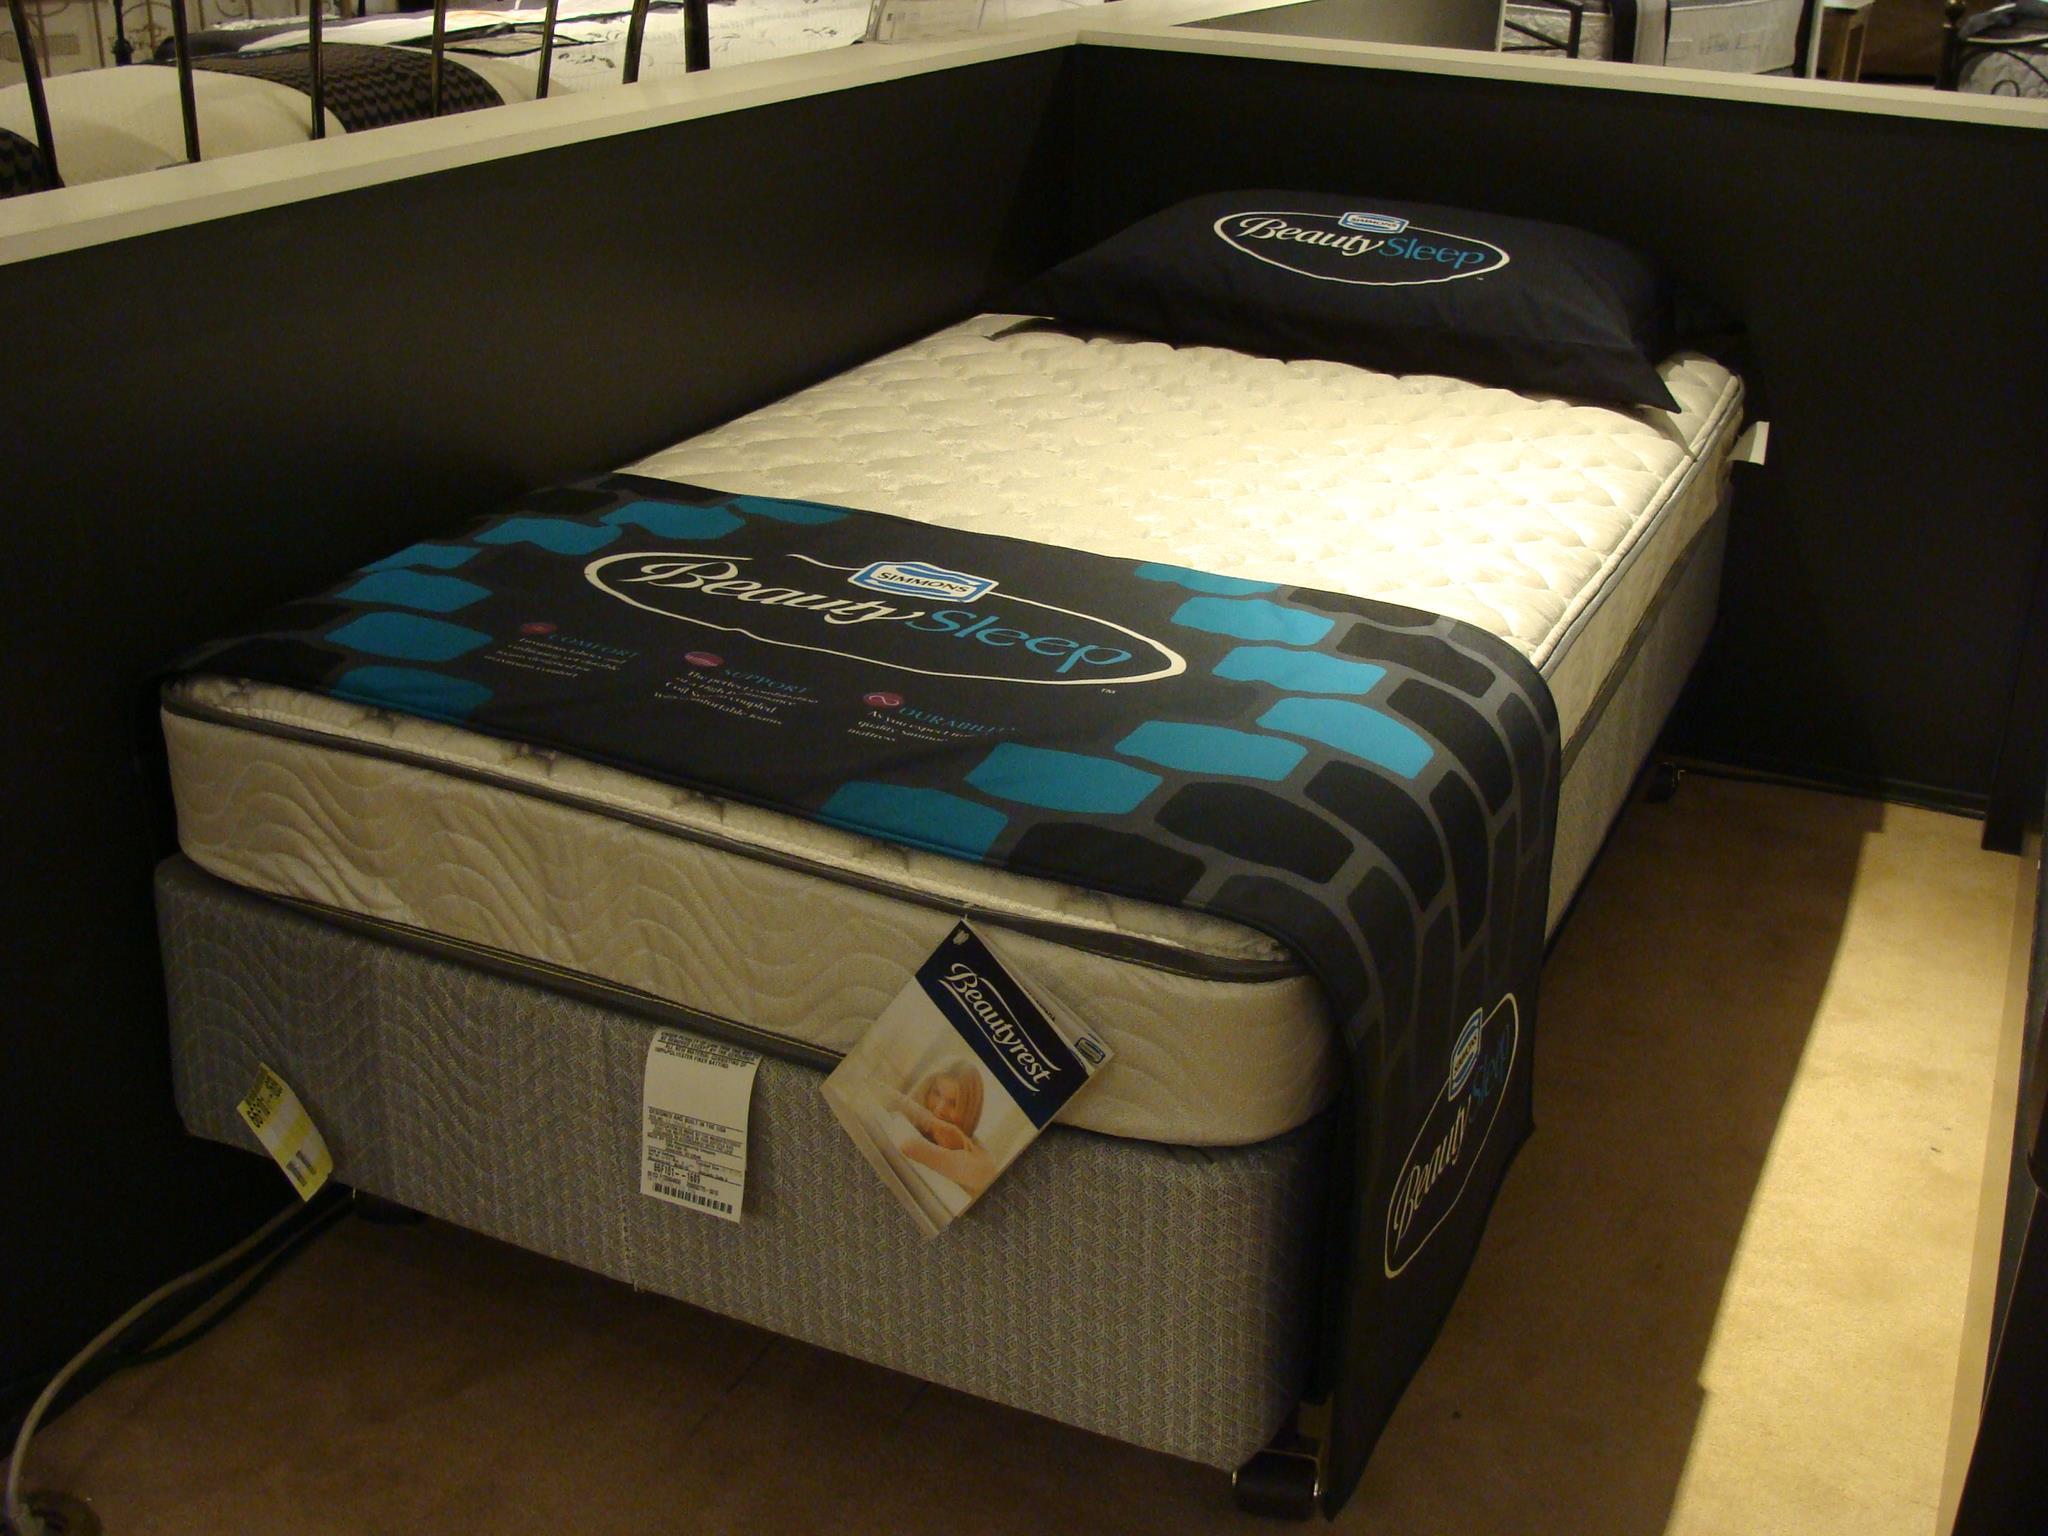 Simmons BeautySleep Firm Queen Firm Mattress Set - Item Number: BSFirm-Q+700600775Q